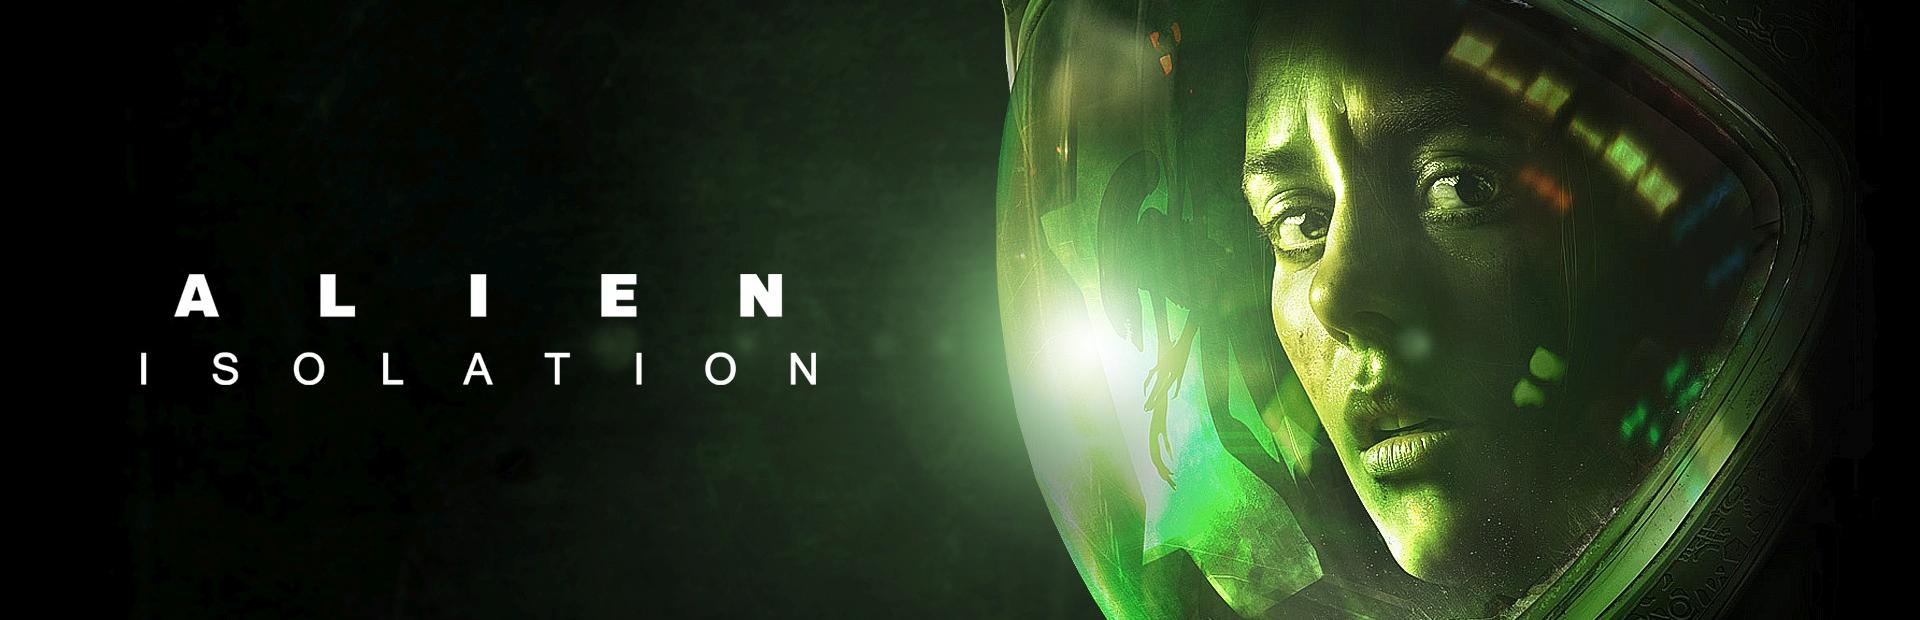 c_0_620_2734_00_images_artykuly_alien-isolation-logo.jpg